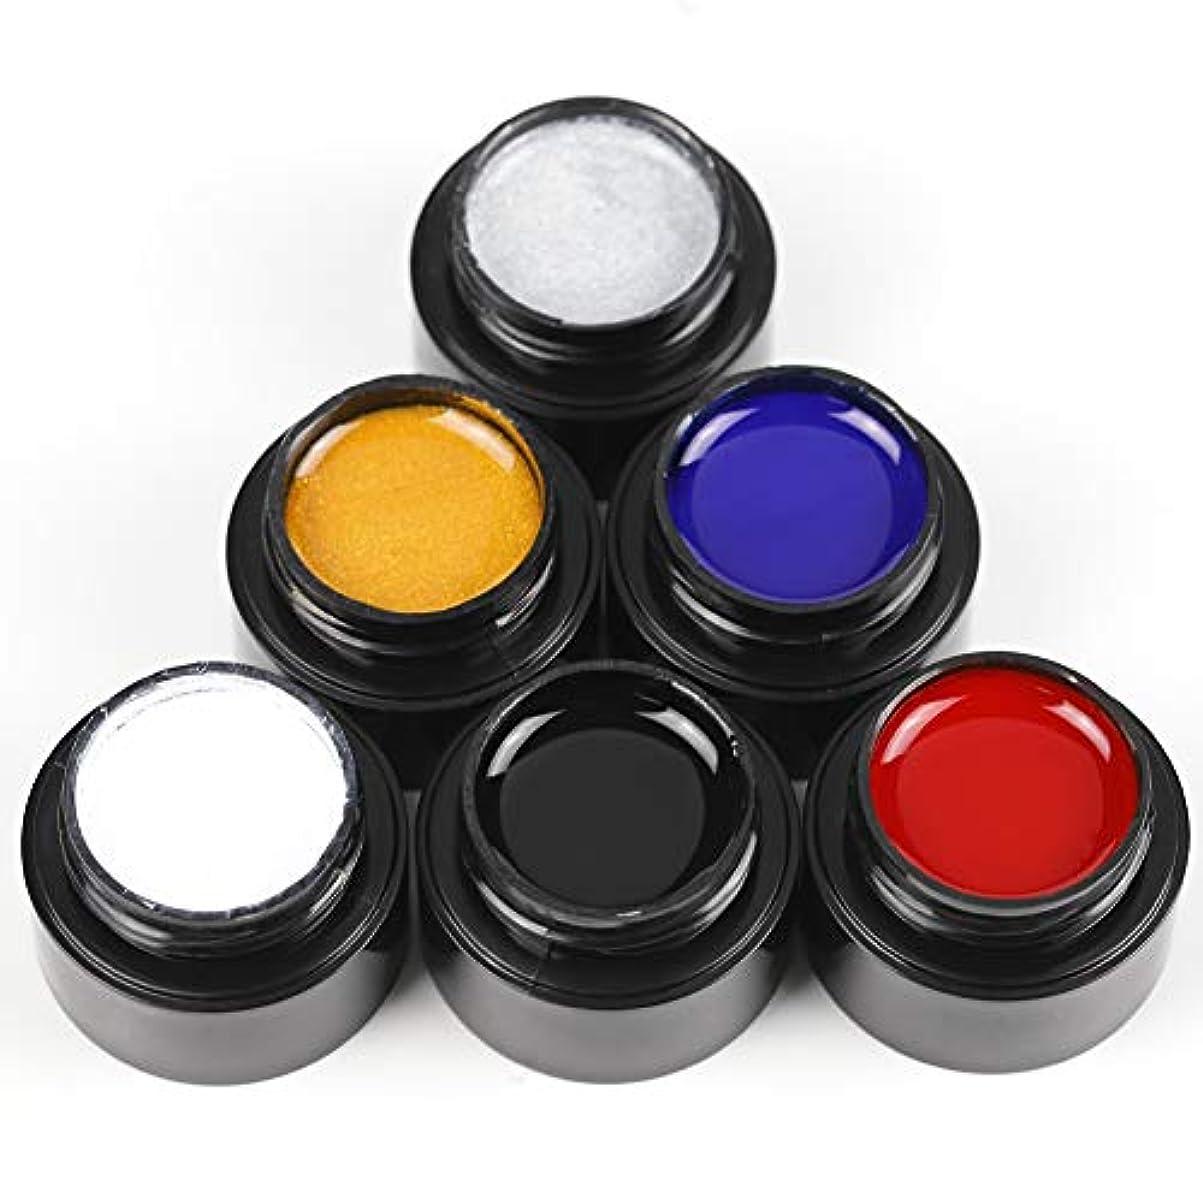 インポート頬骨アプローチTwinkle Store ライナージェル 5ml 6ボトルセット 6色入り カラージェル ジェルネイルカラー UV/LED 适用 ネイルアートジェル